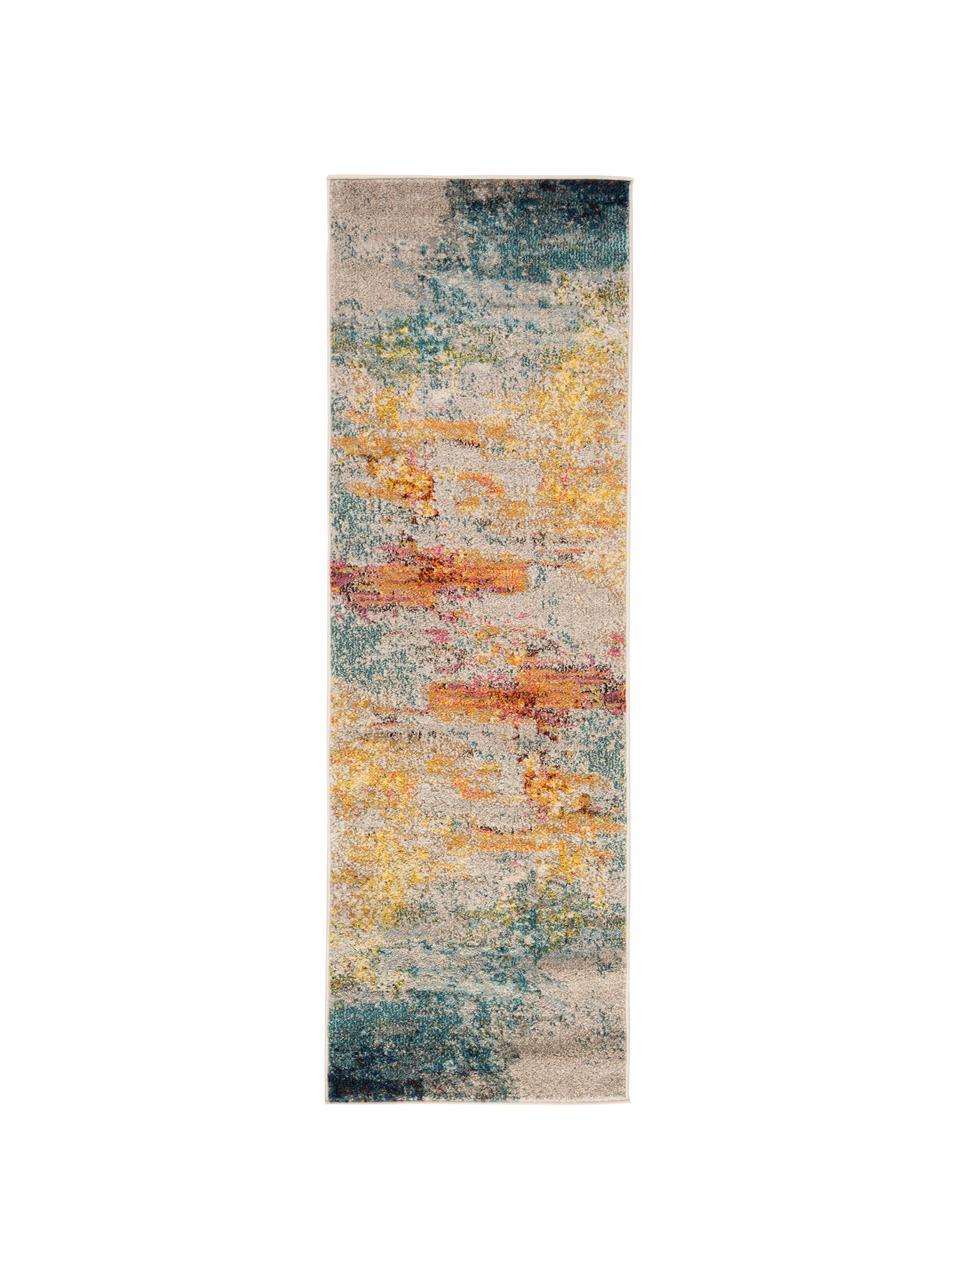 Chodnik Celestial, Wielobarwny, S 70 x D 230 cm